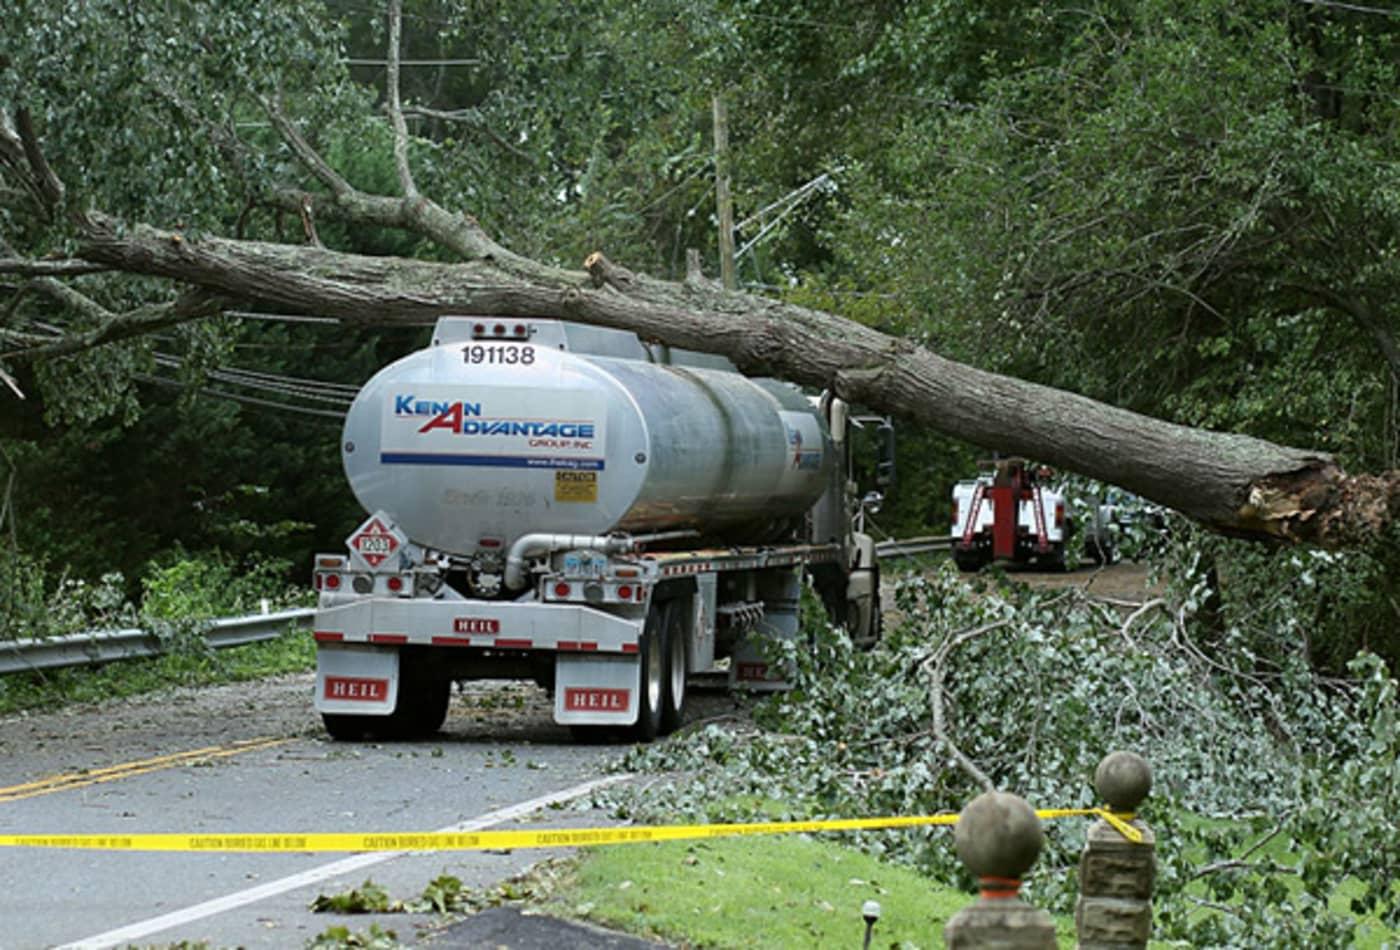 Irene_AUG28_MD_tanker_truck_tree.jpg